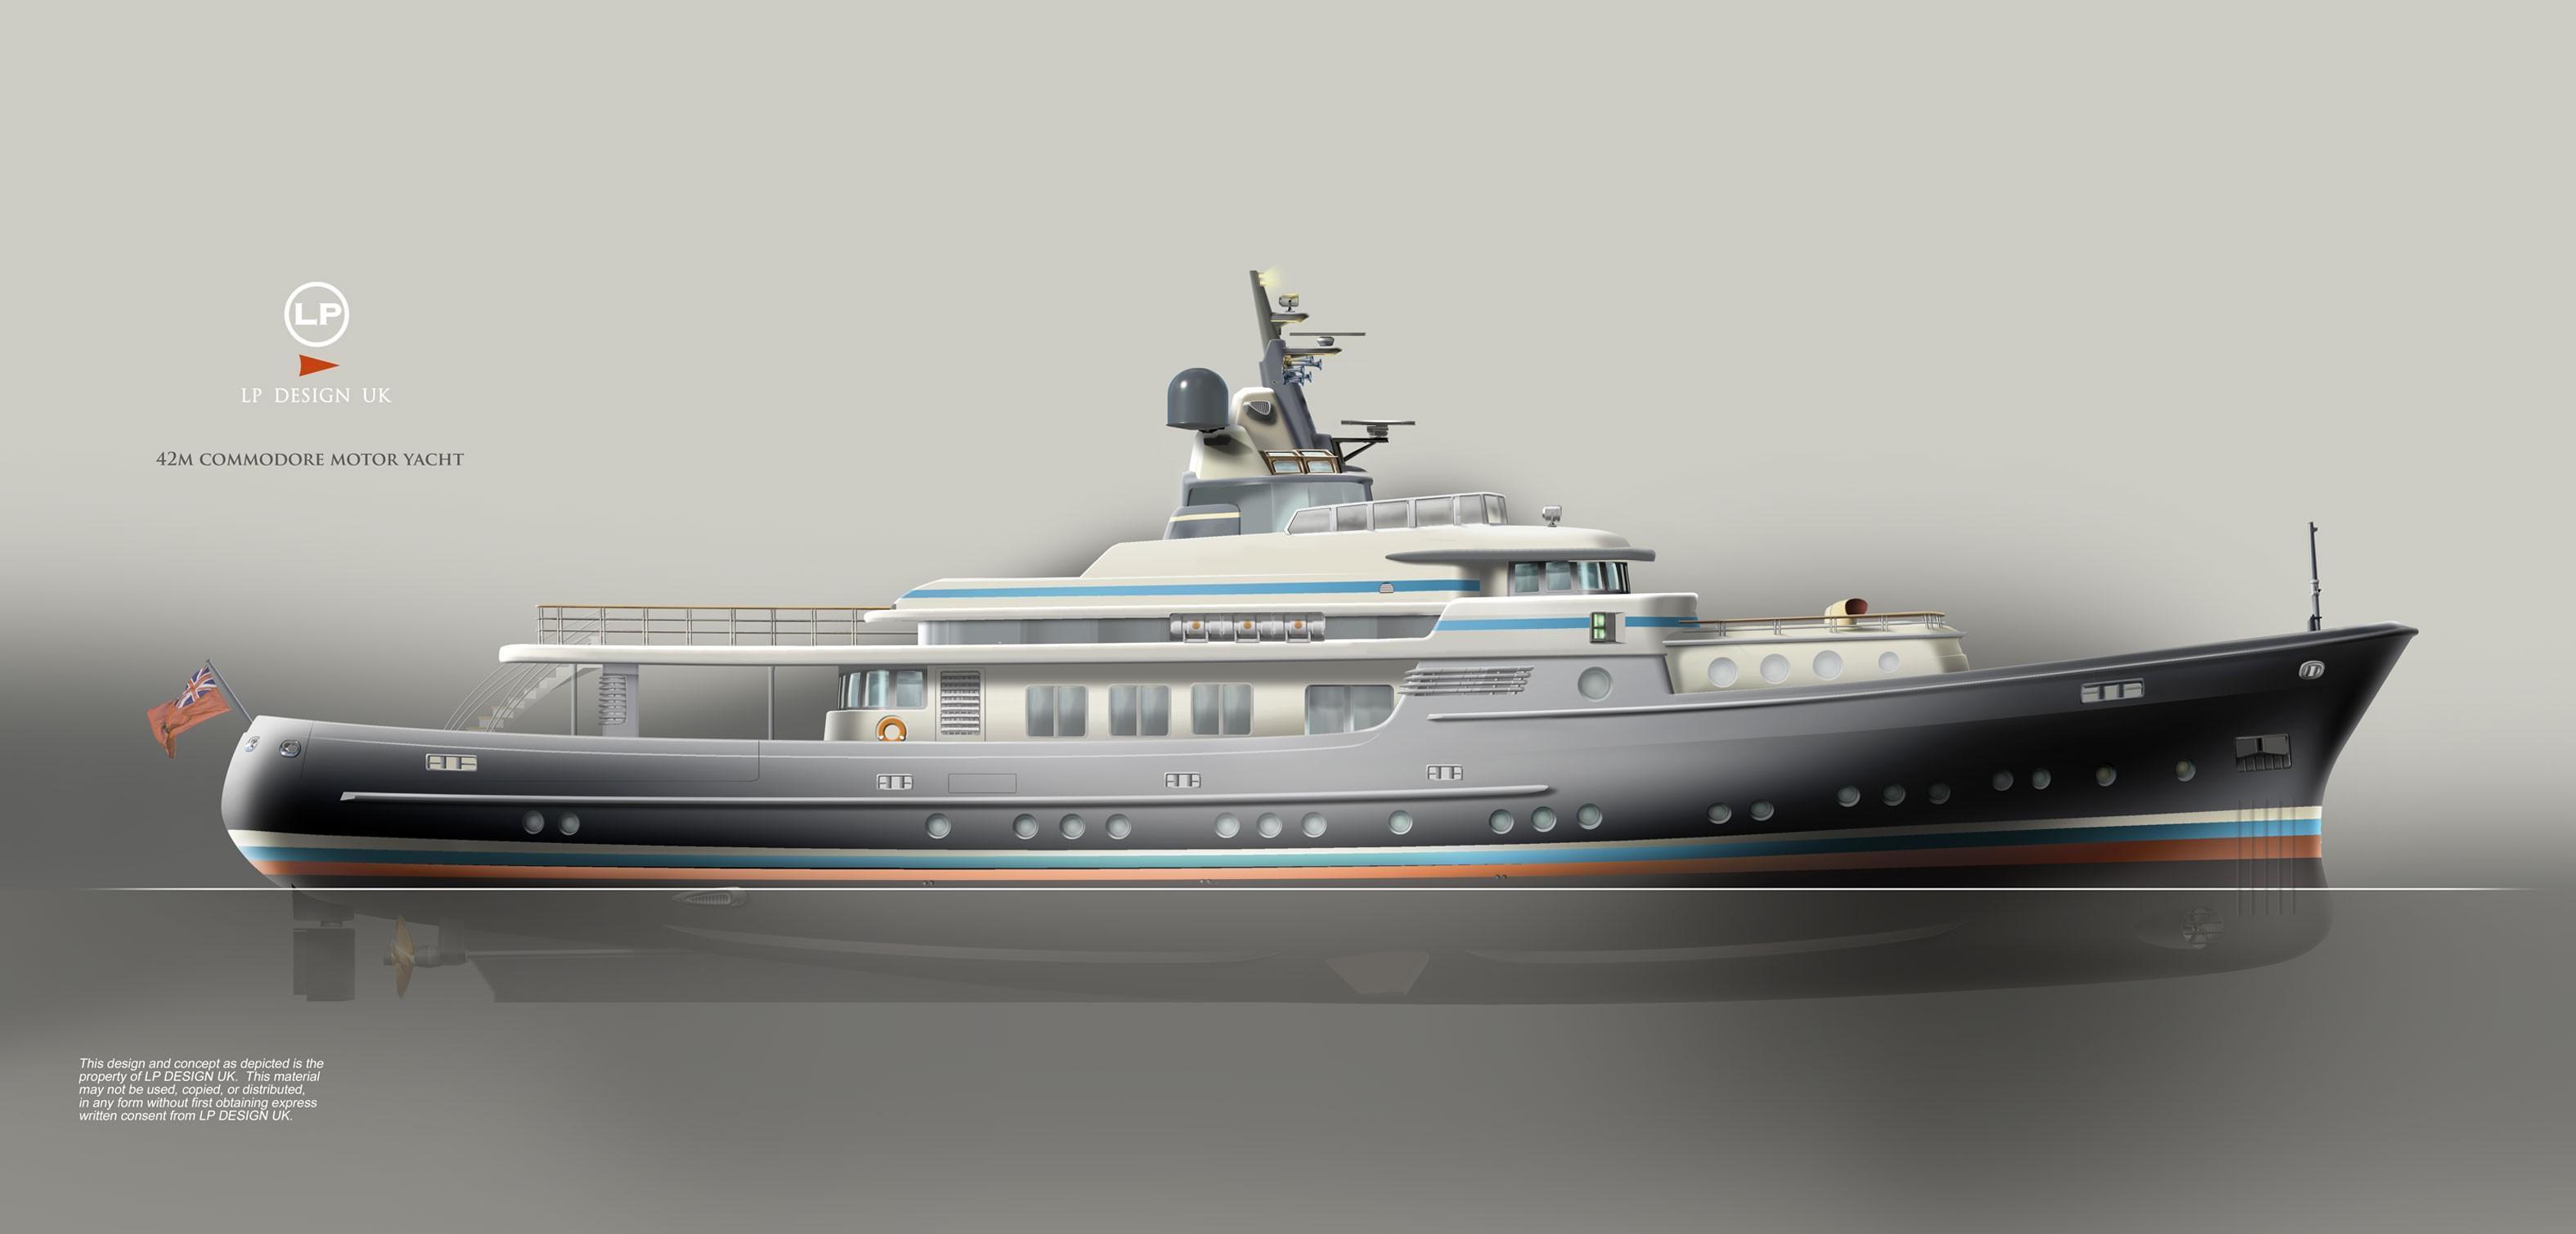 Motor Yacht Commodore